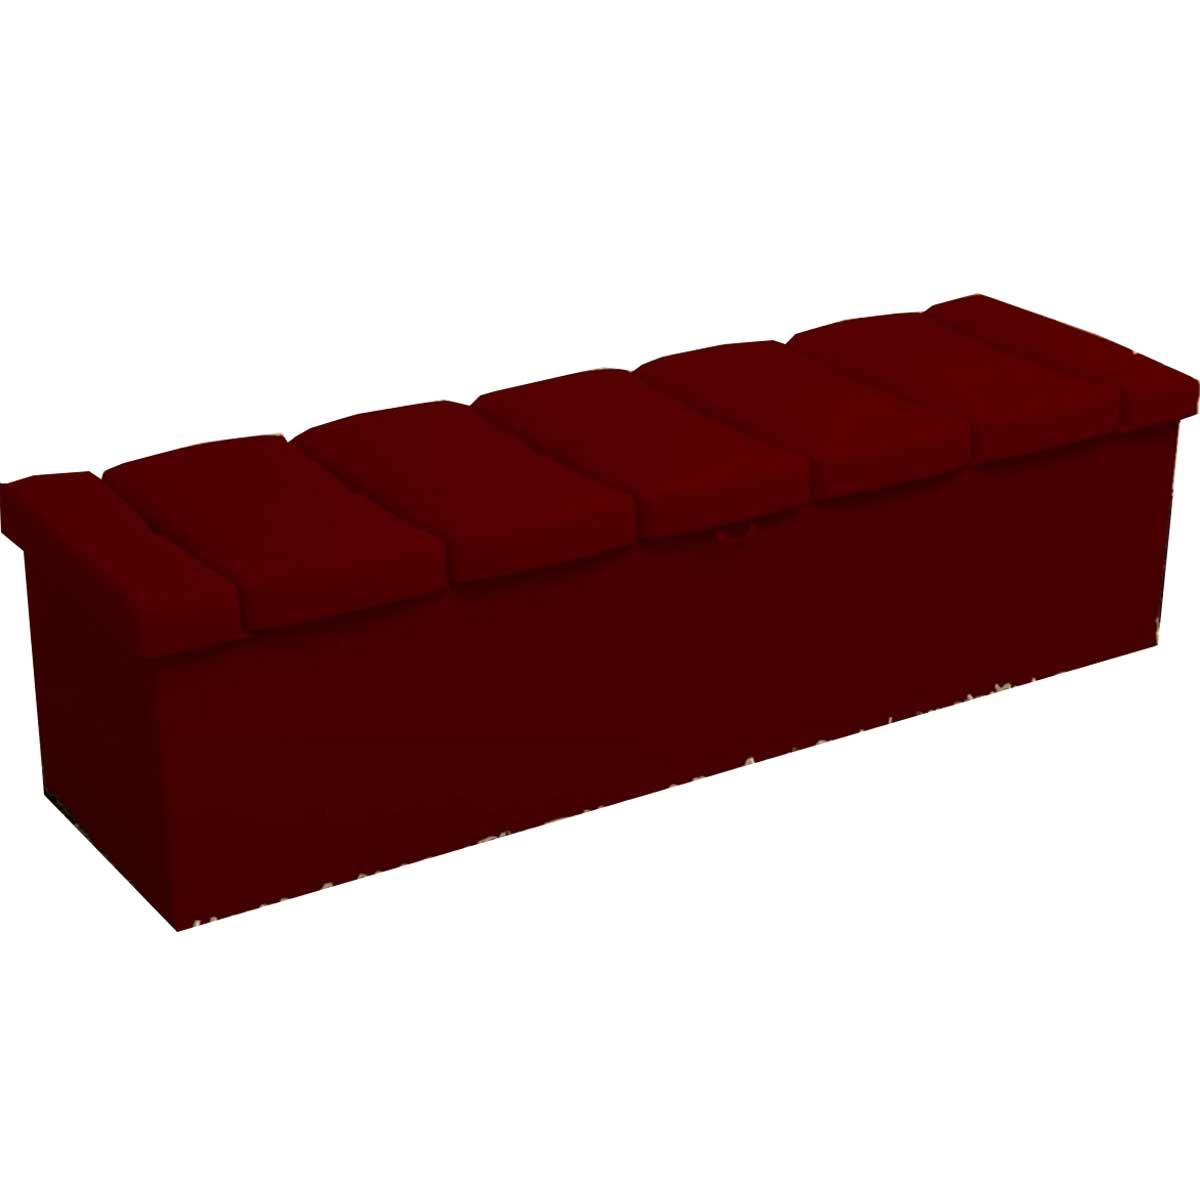 Calçadeira com Baú Estofada Kiara 140 cm Suede Vermelho